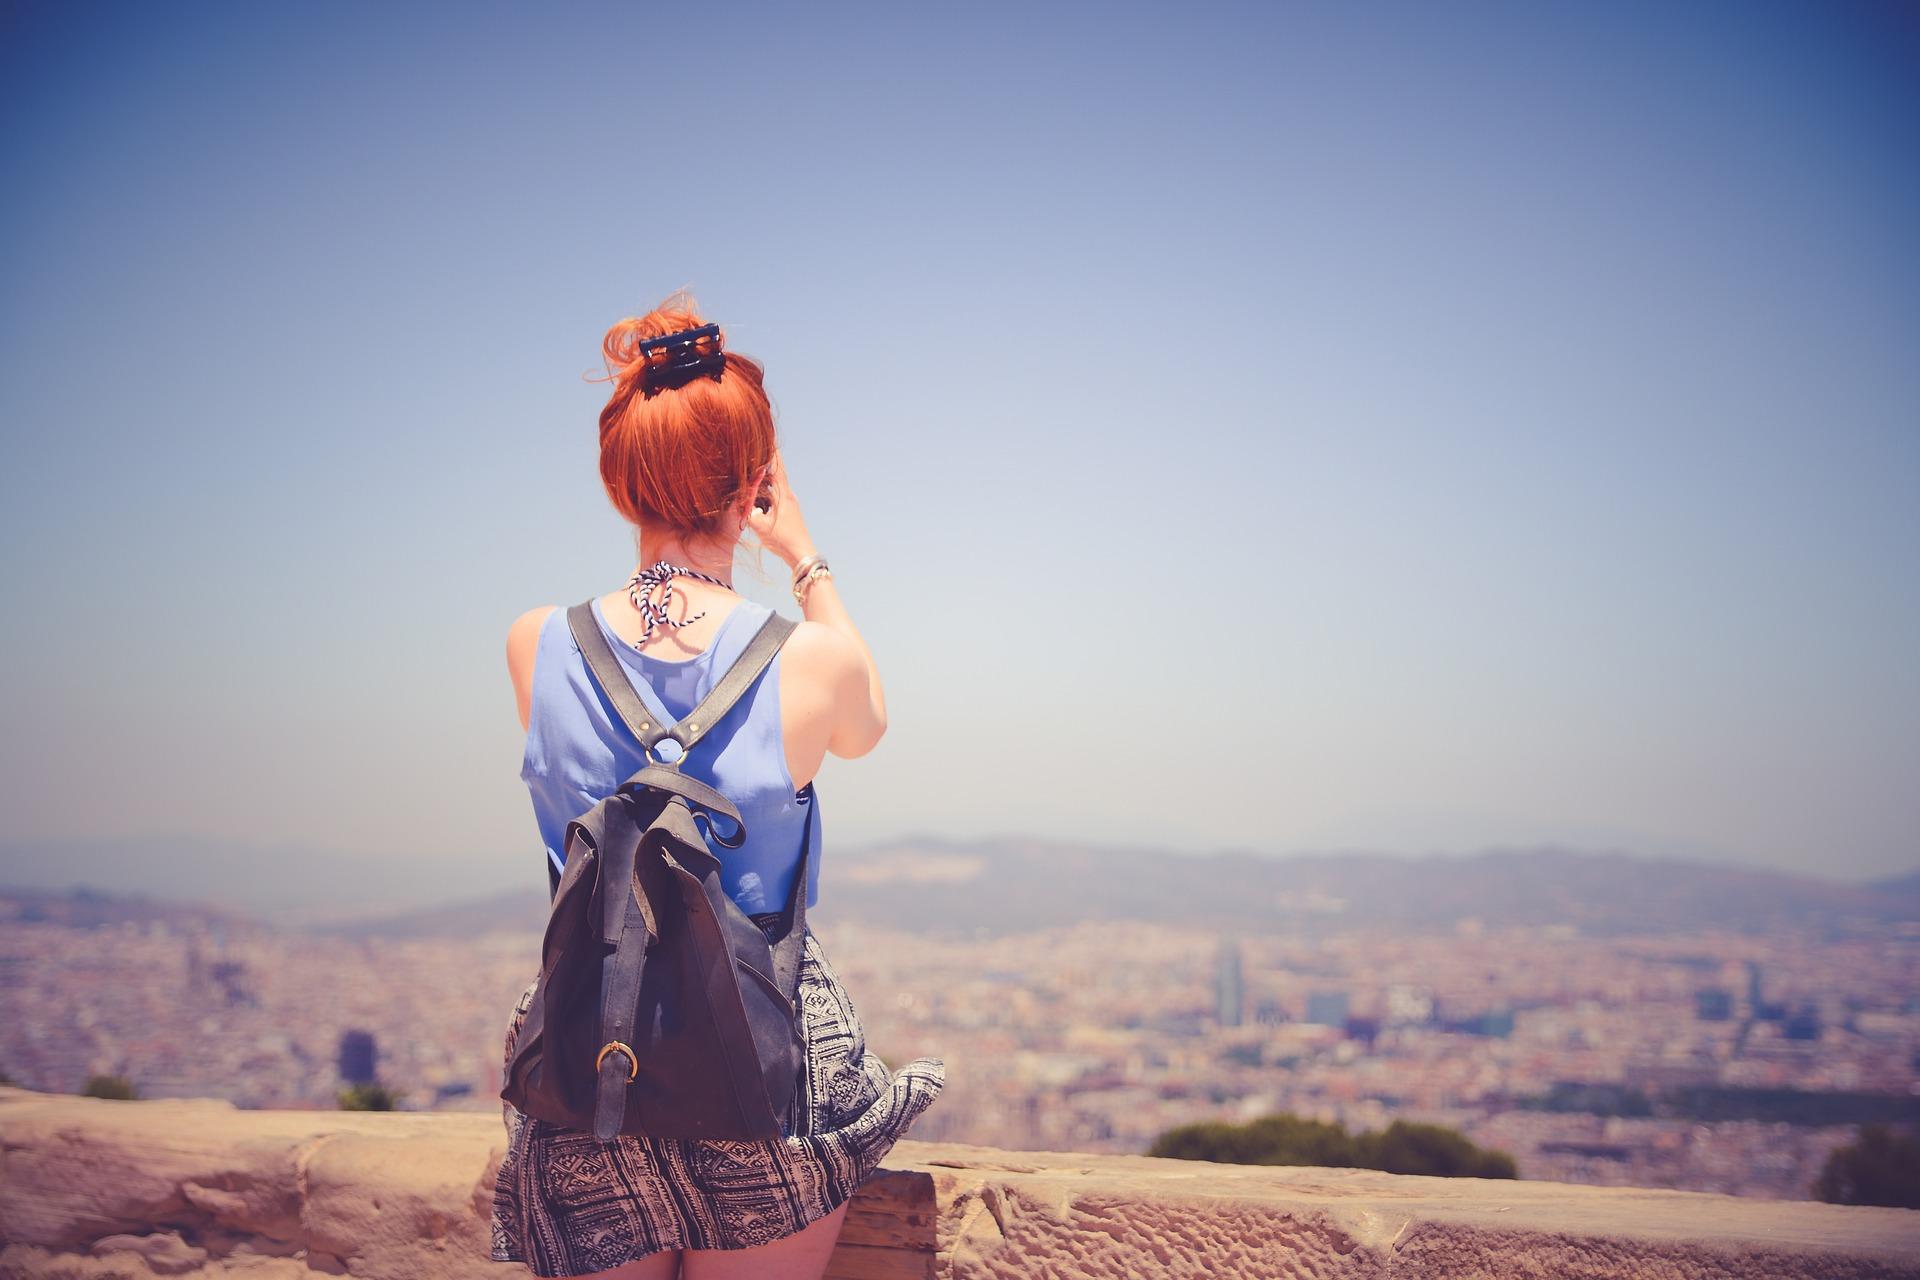 Ein junge Frau steht an einem Aussichtspunkt und fotografiert den Ausblick.